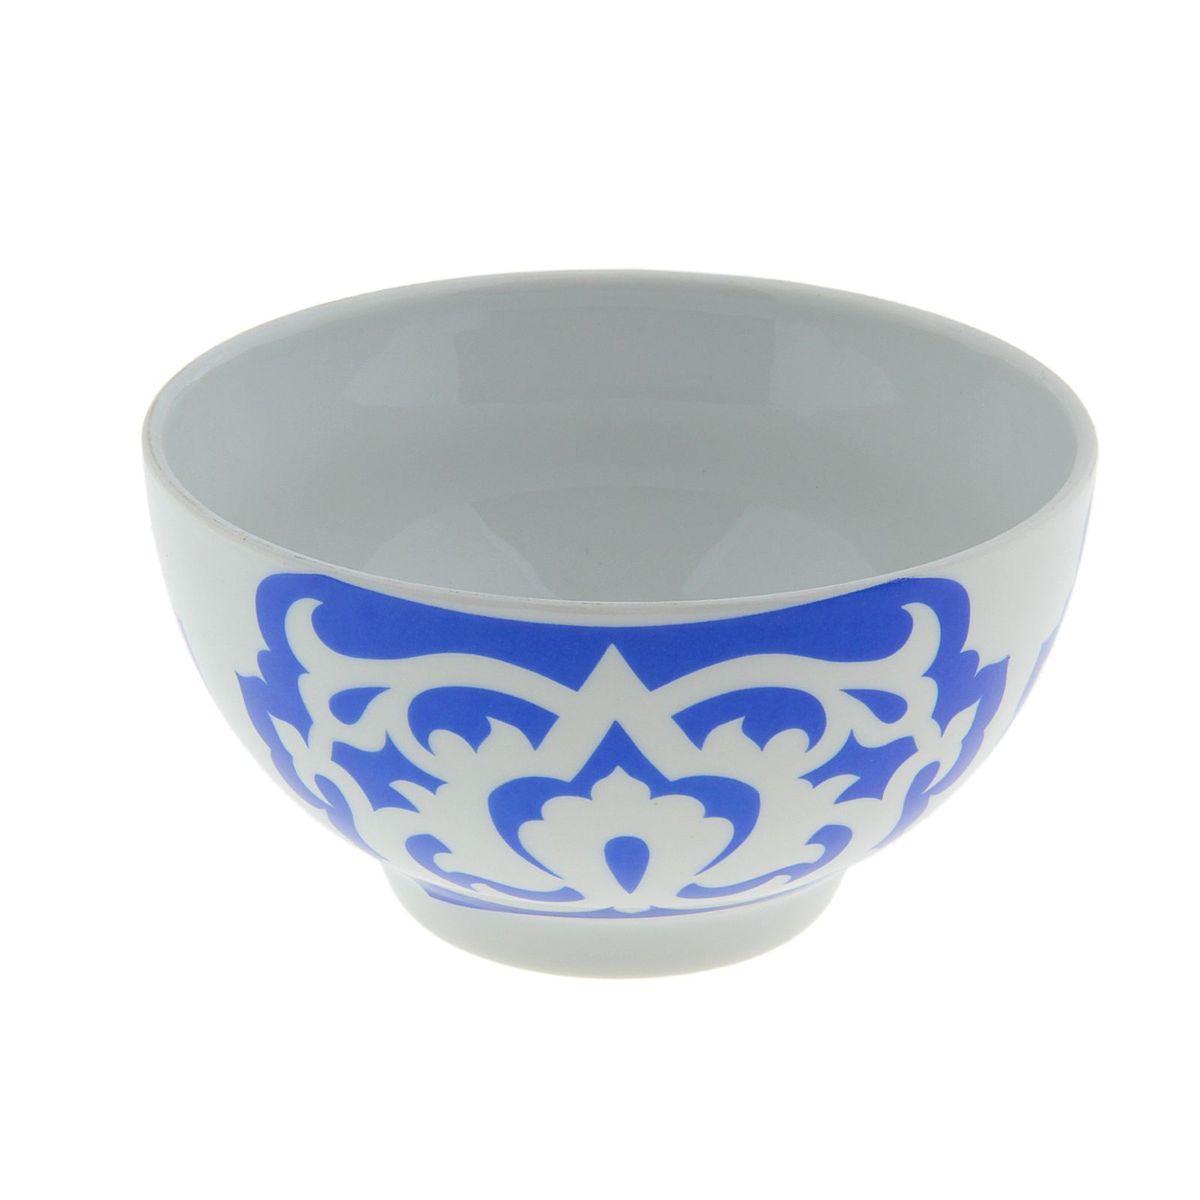 Пиала Азия, цвет: синий, 500 мл пиала добрушский фарфоровый завод королева цветов 500 мл